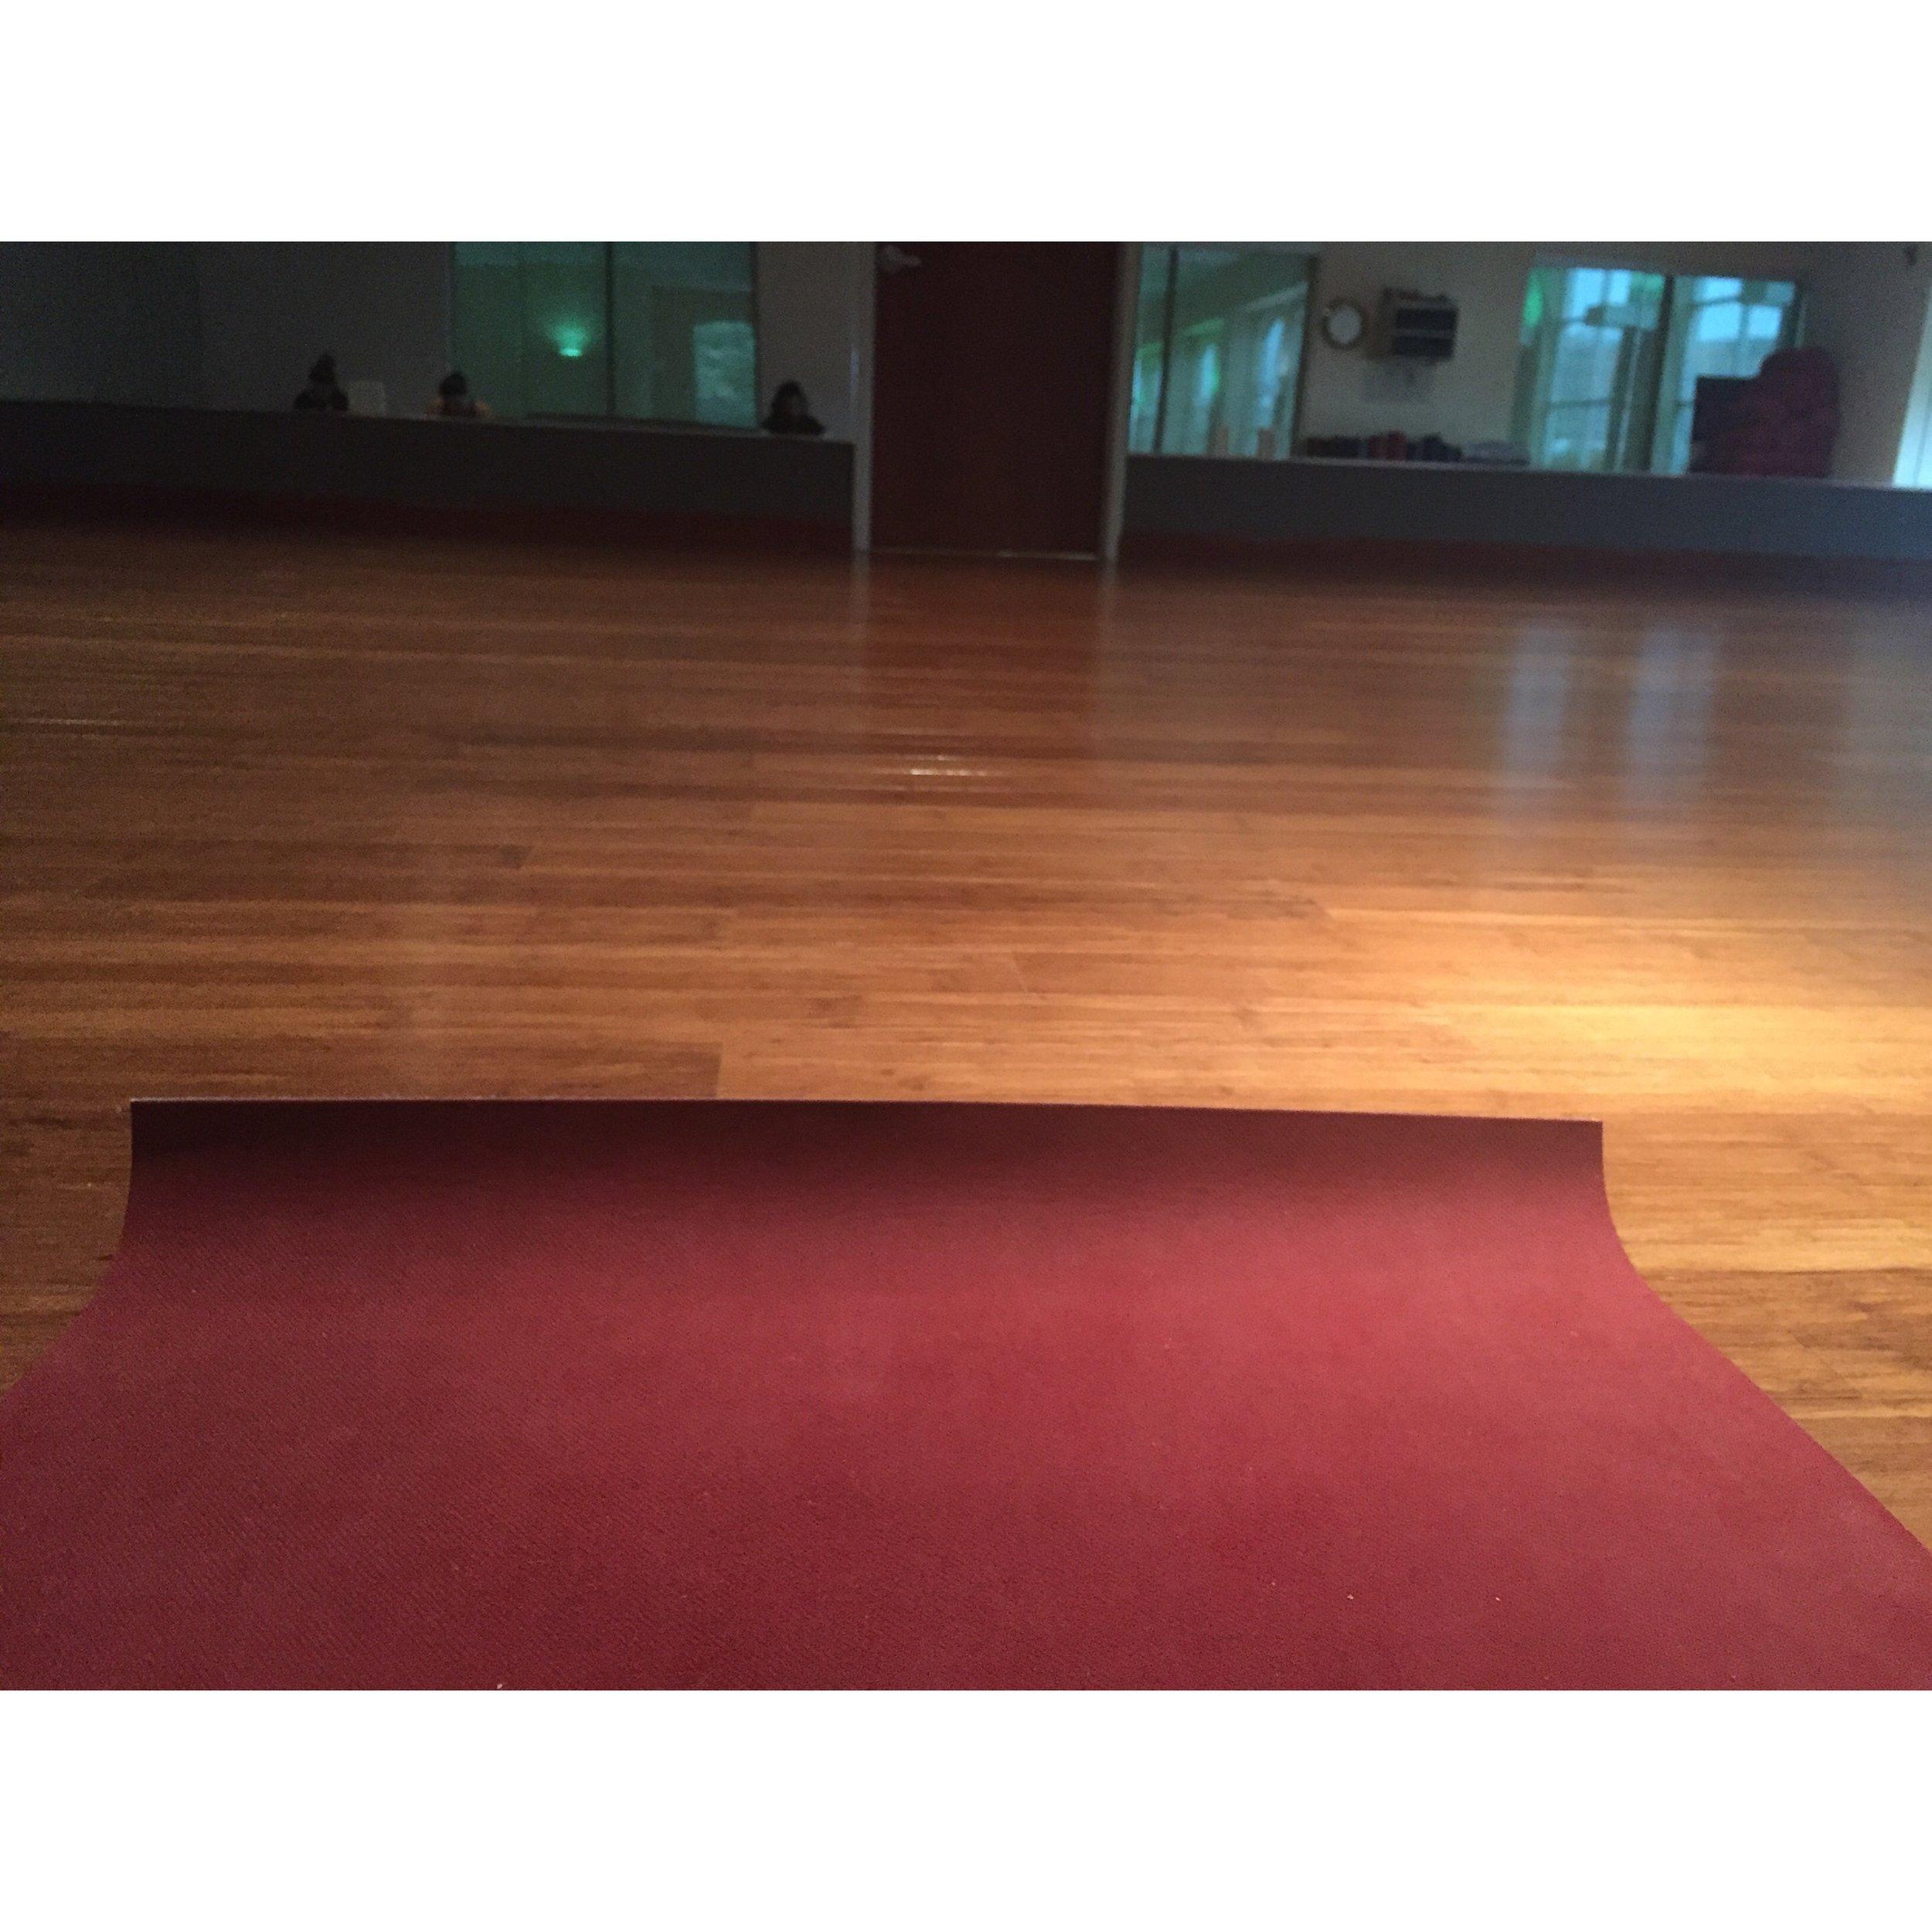 Vinyasa Yoga!  #heatedroom #coldoutside